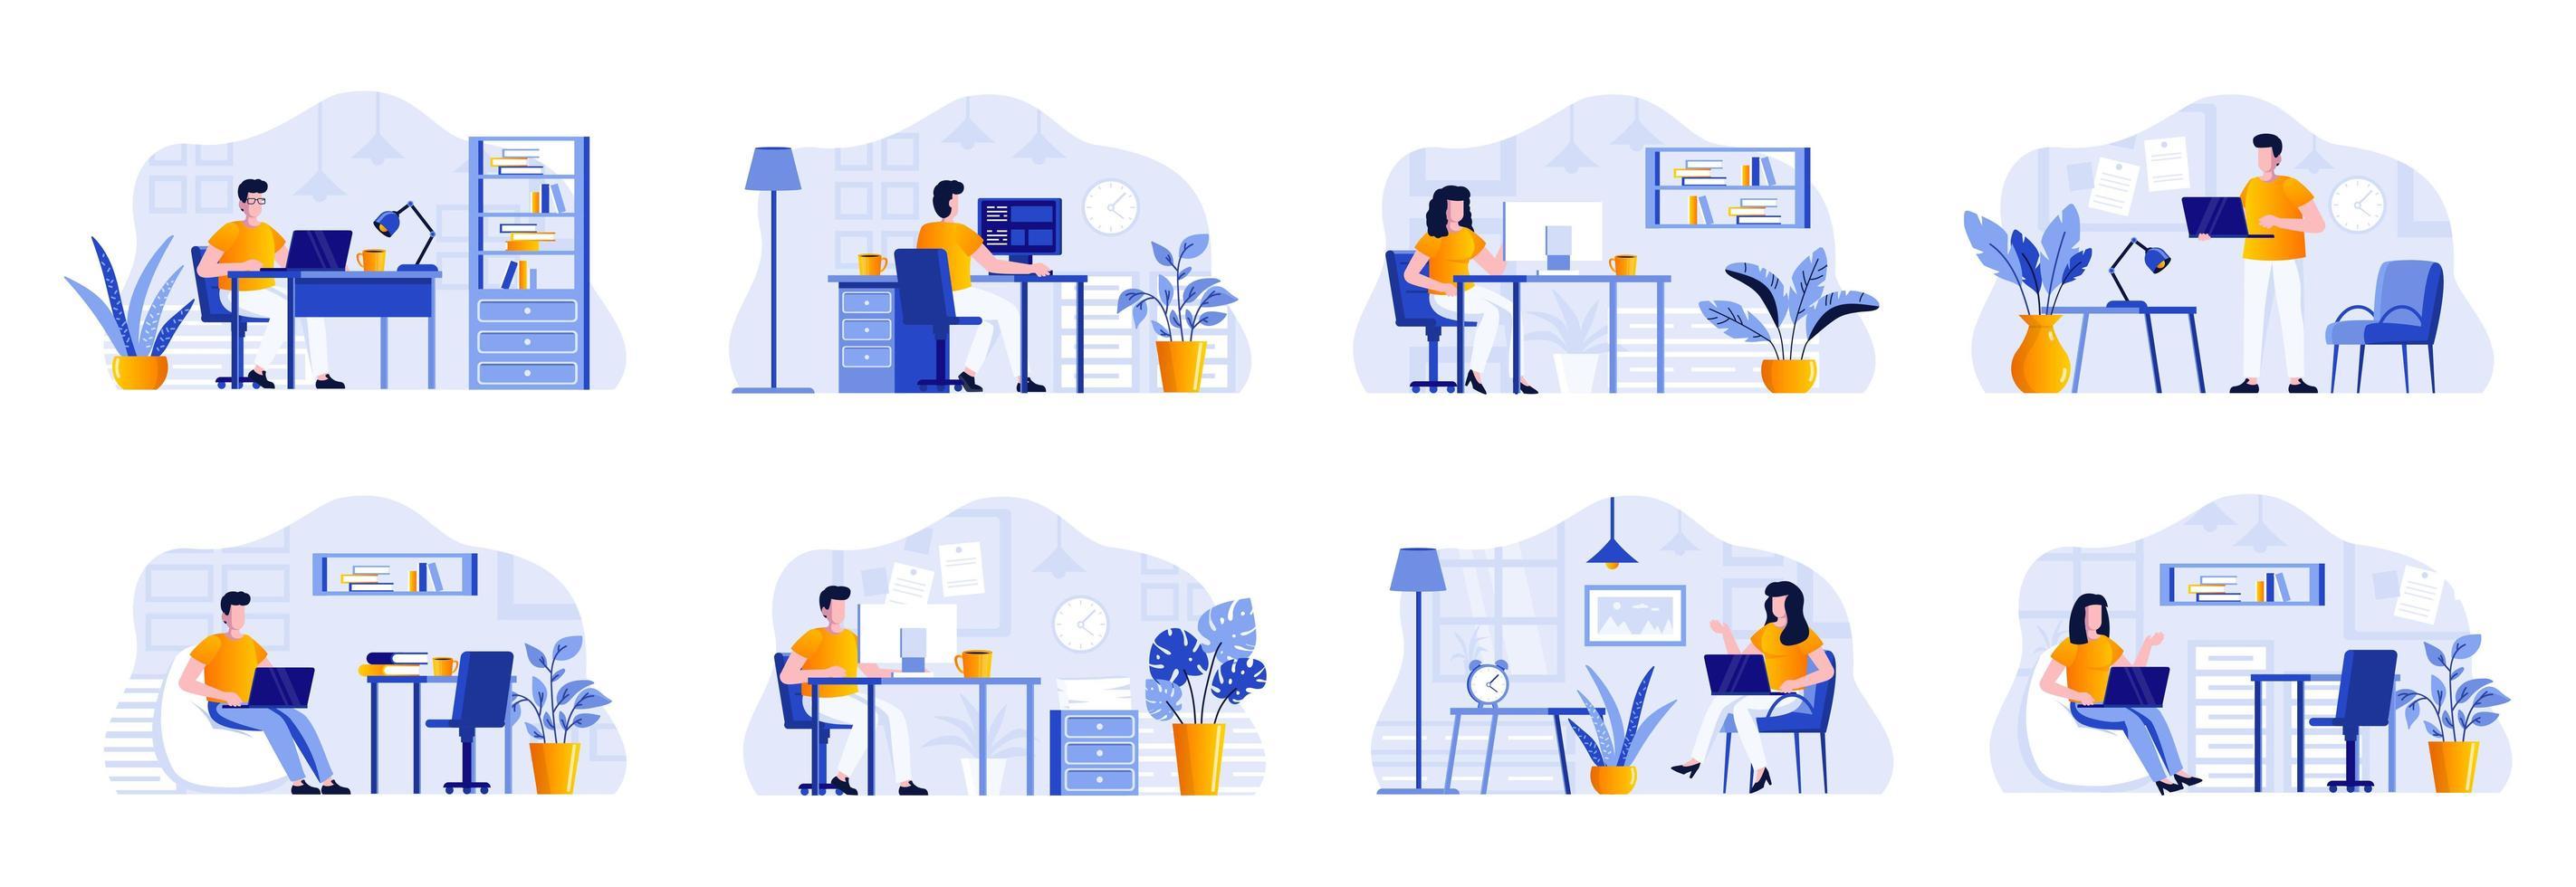 coworking office-bundel met mensen vector